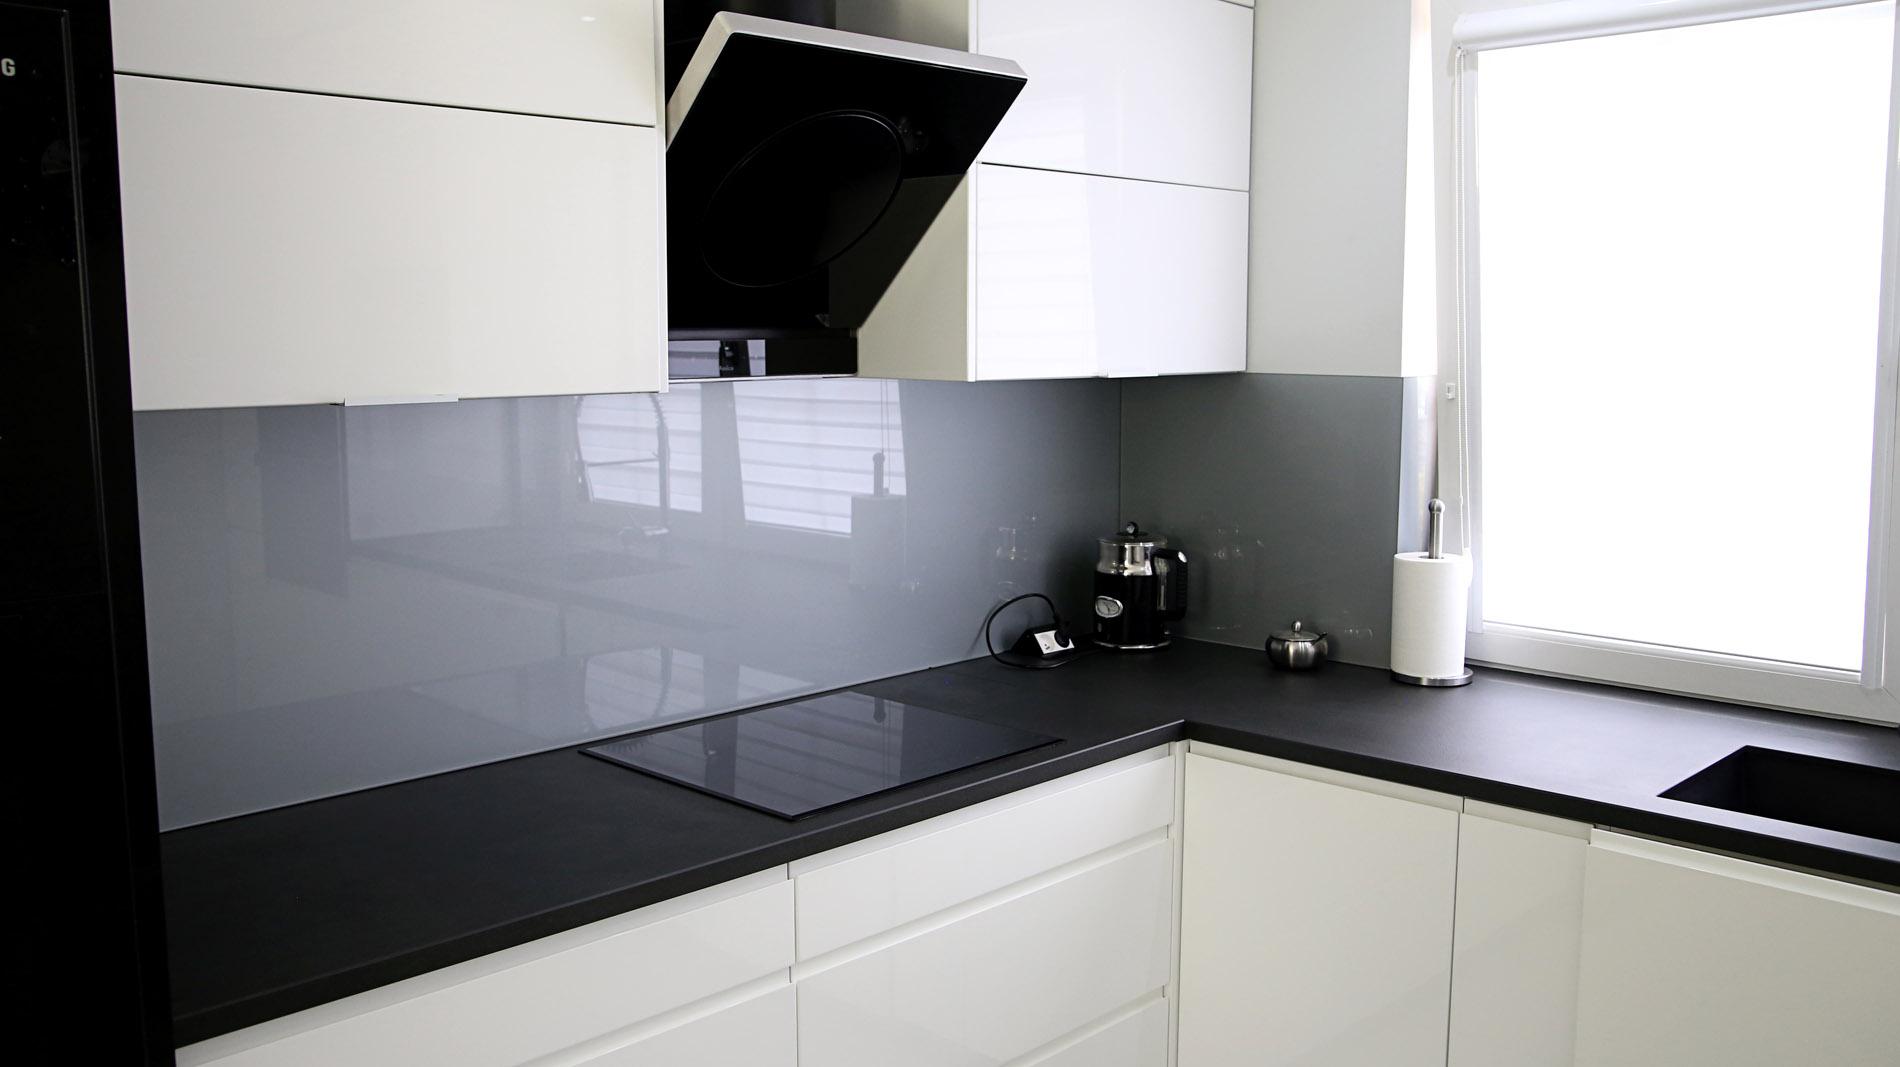 Arbeitsplatte in der Küche z Laminam Calce Nero – Franko Steinwelt